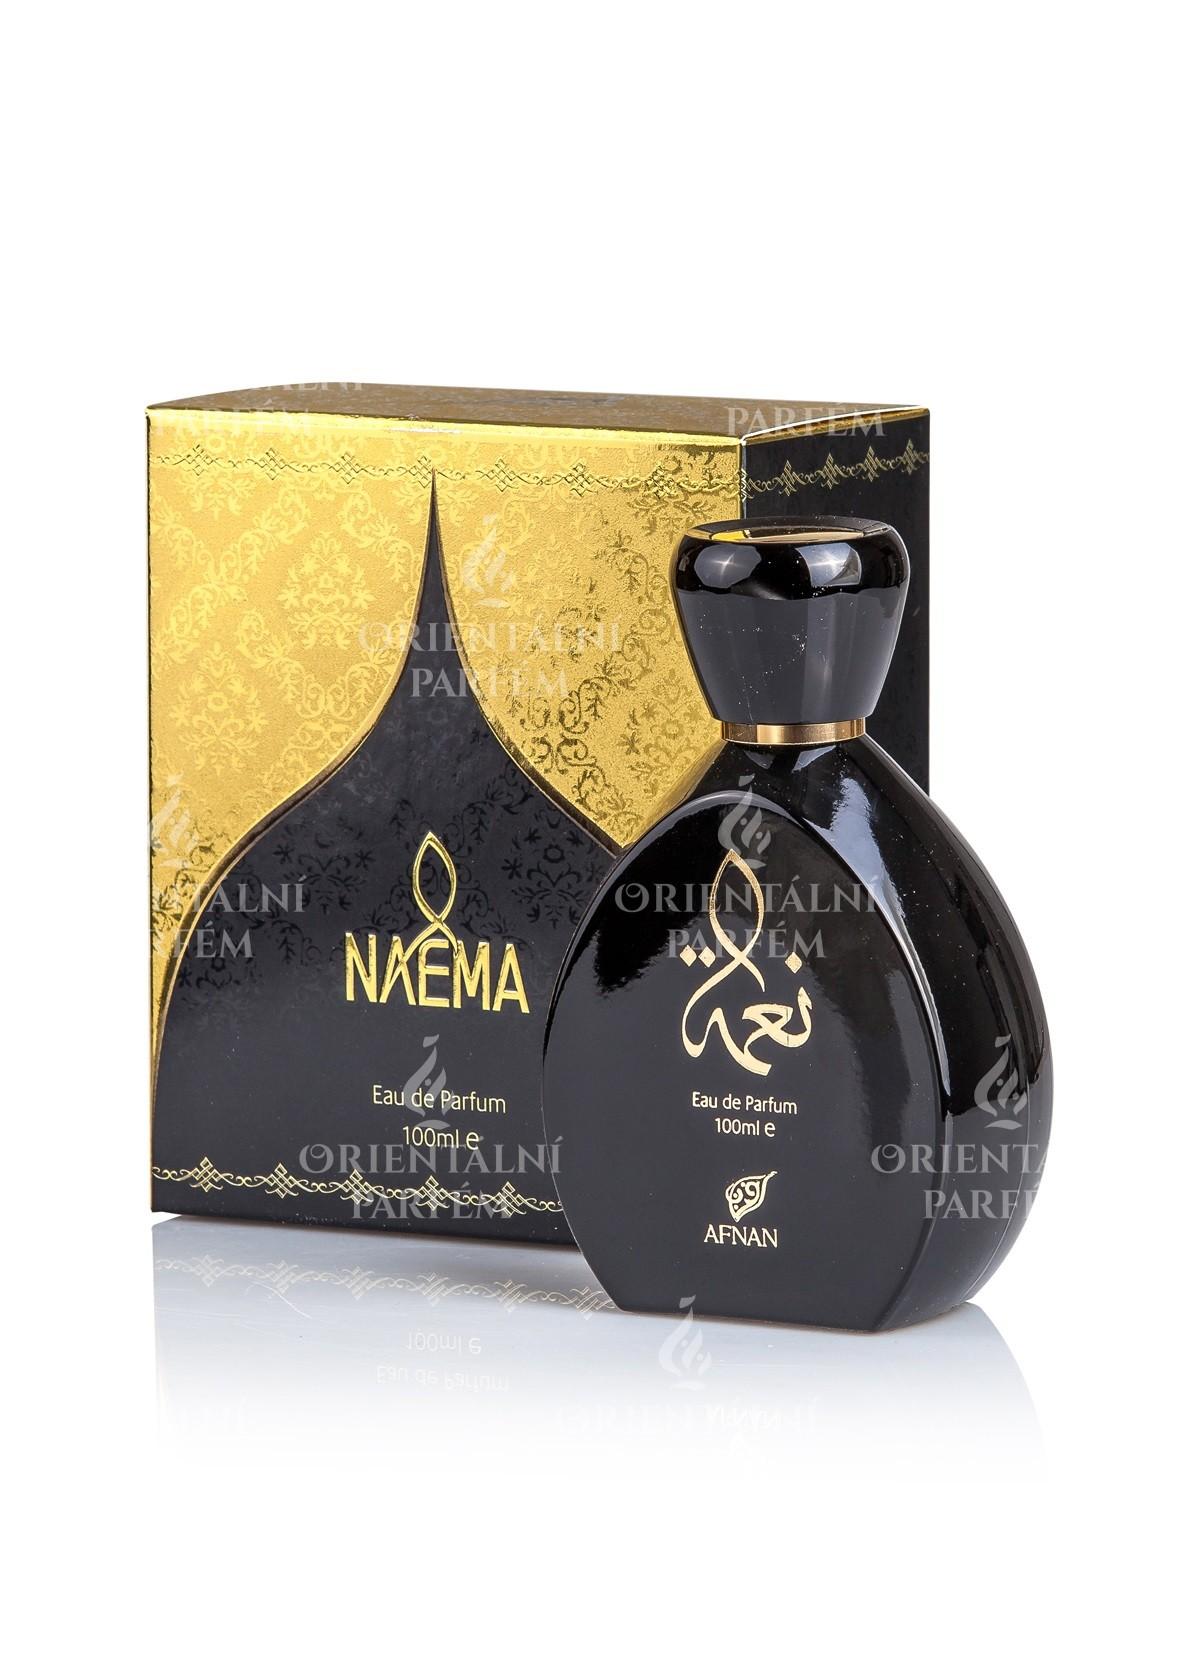 Naema Black